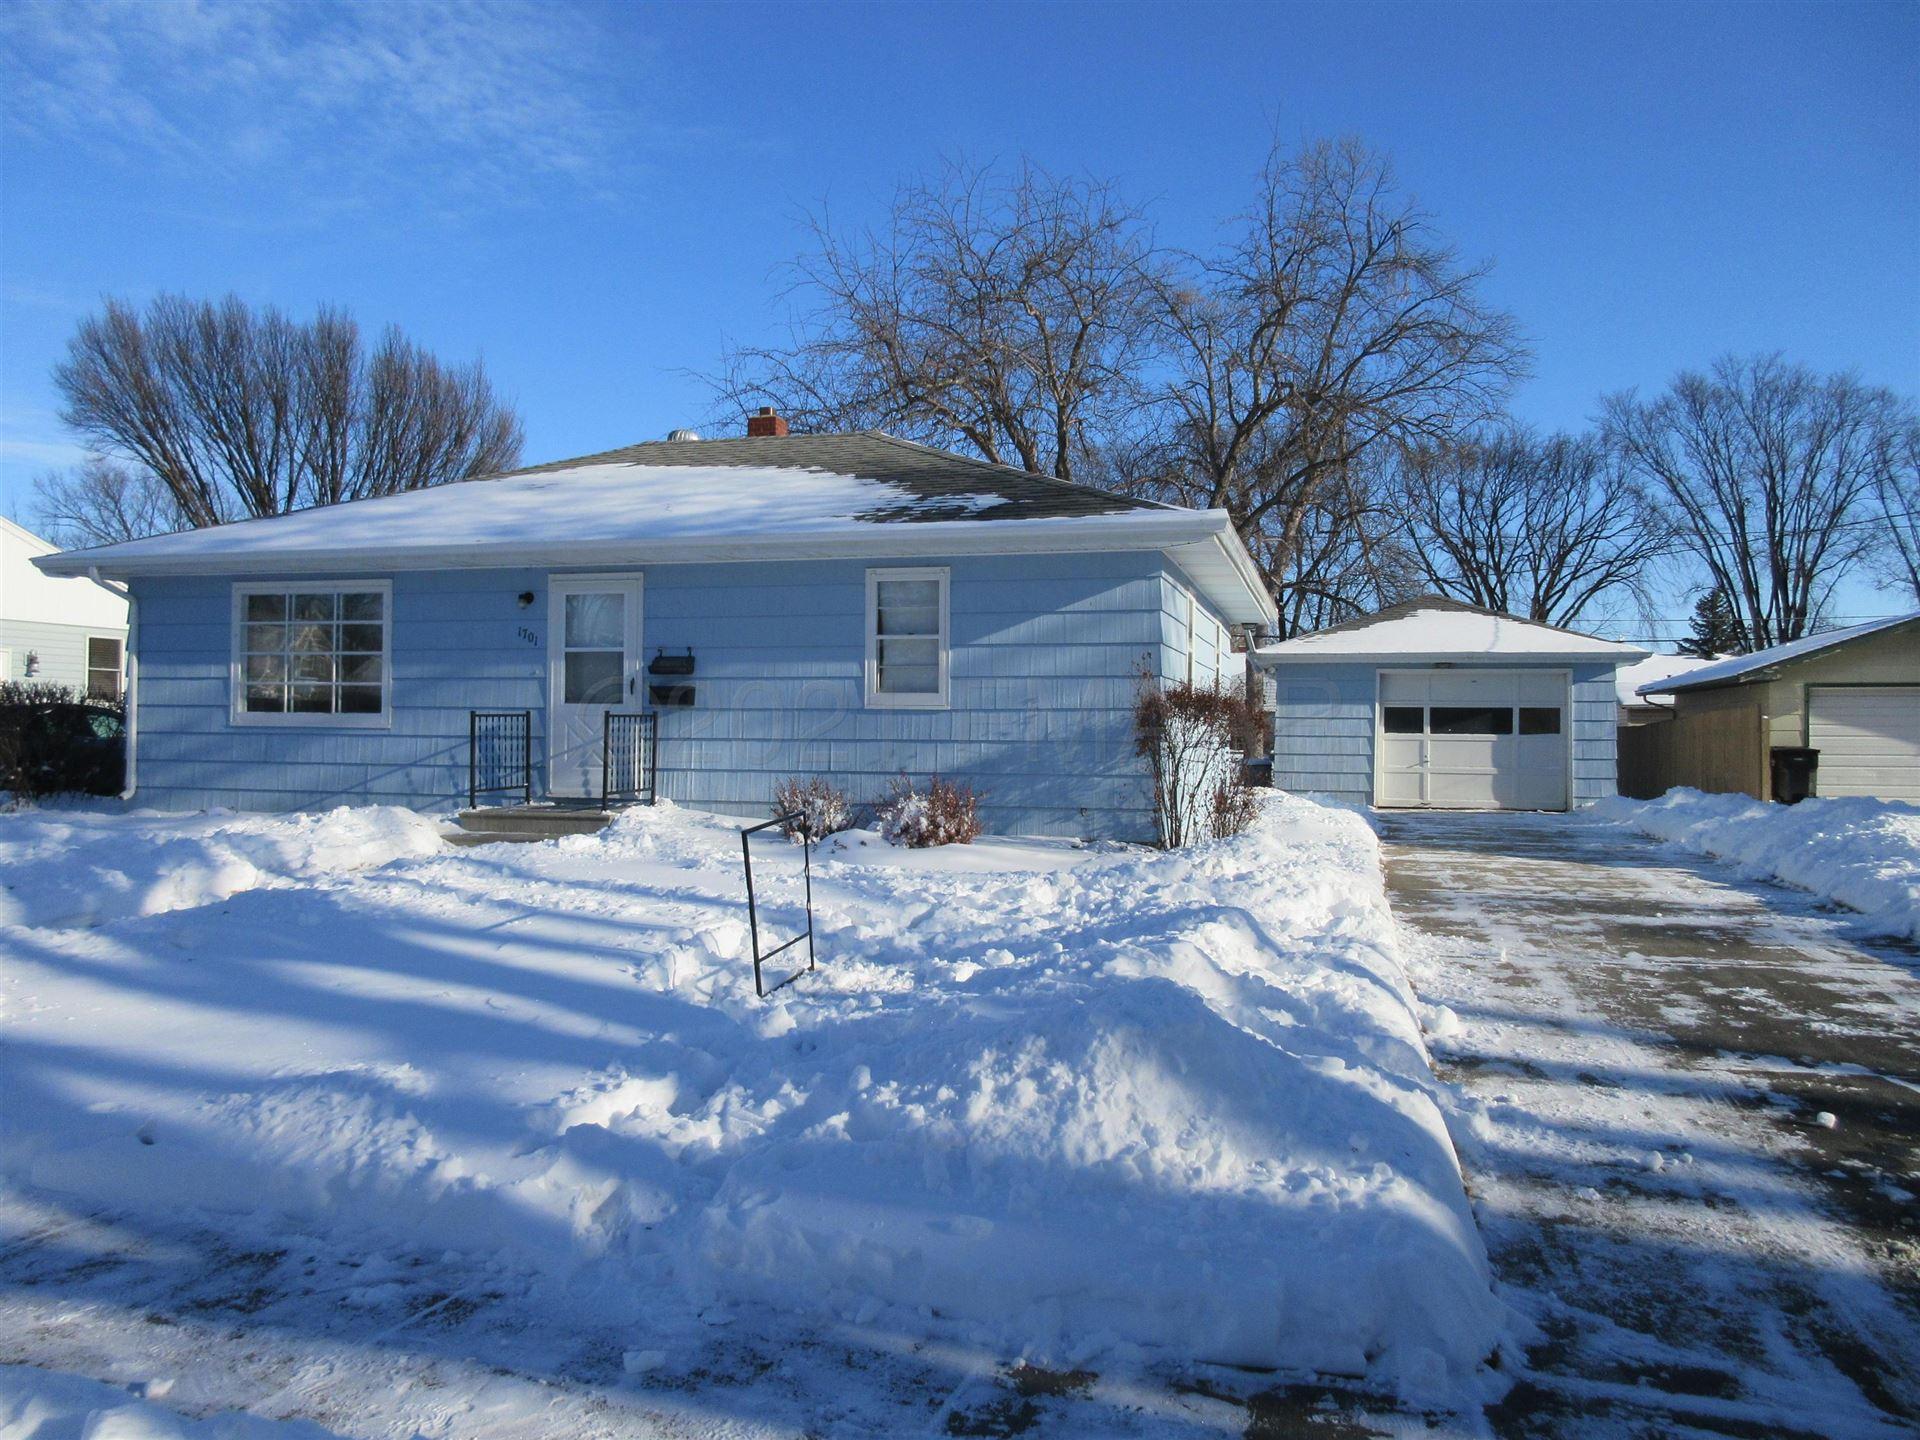 1701 2 Street N, Fargo, ND 58102 - #: 21-44